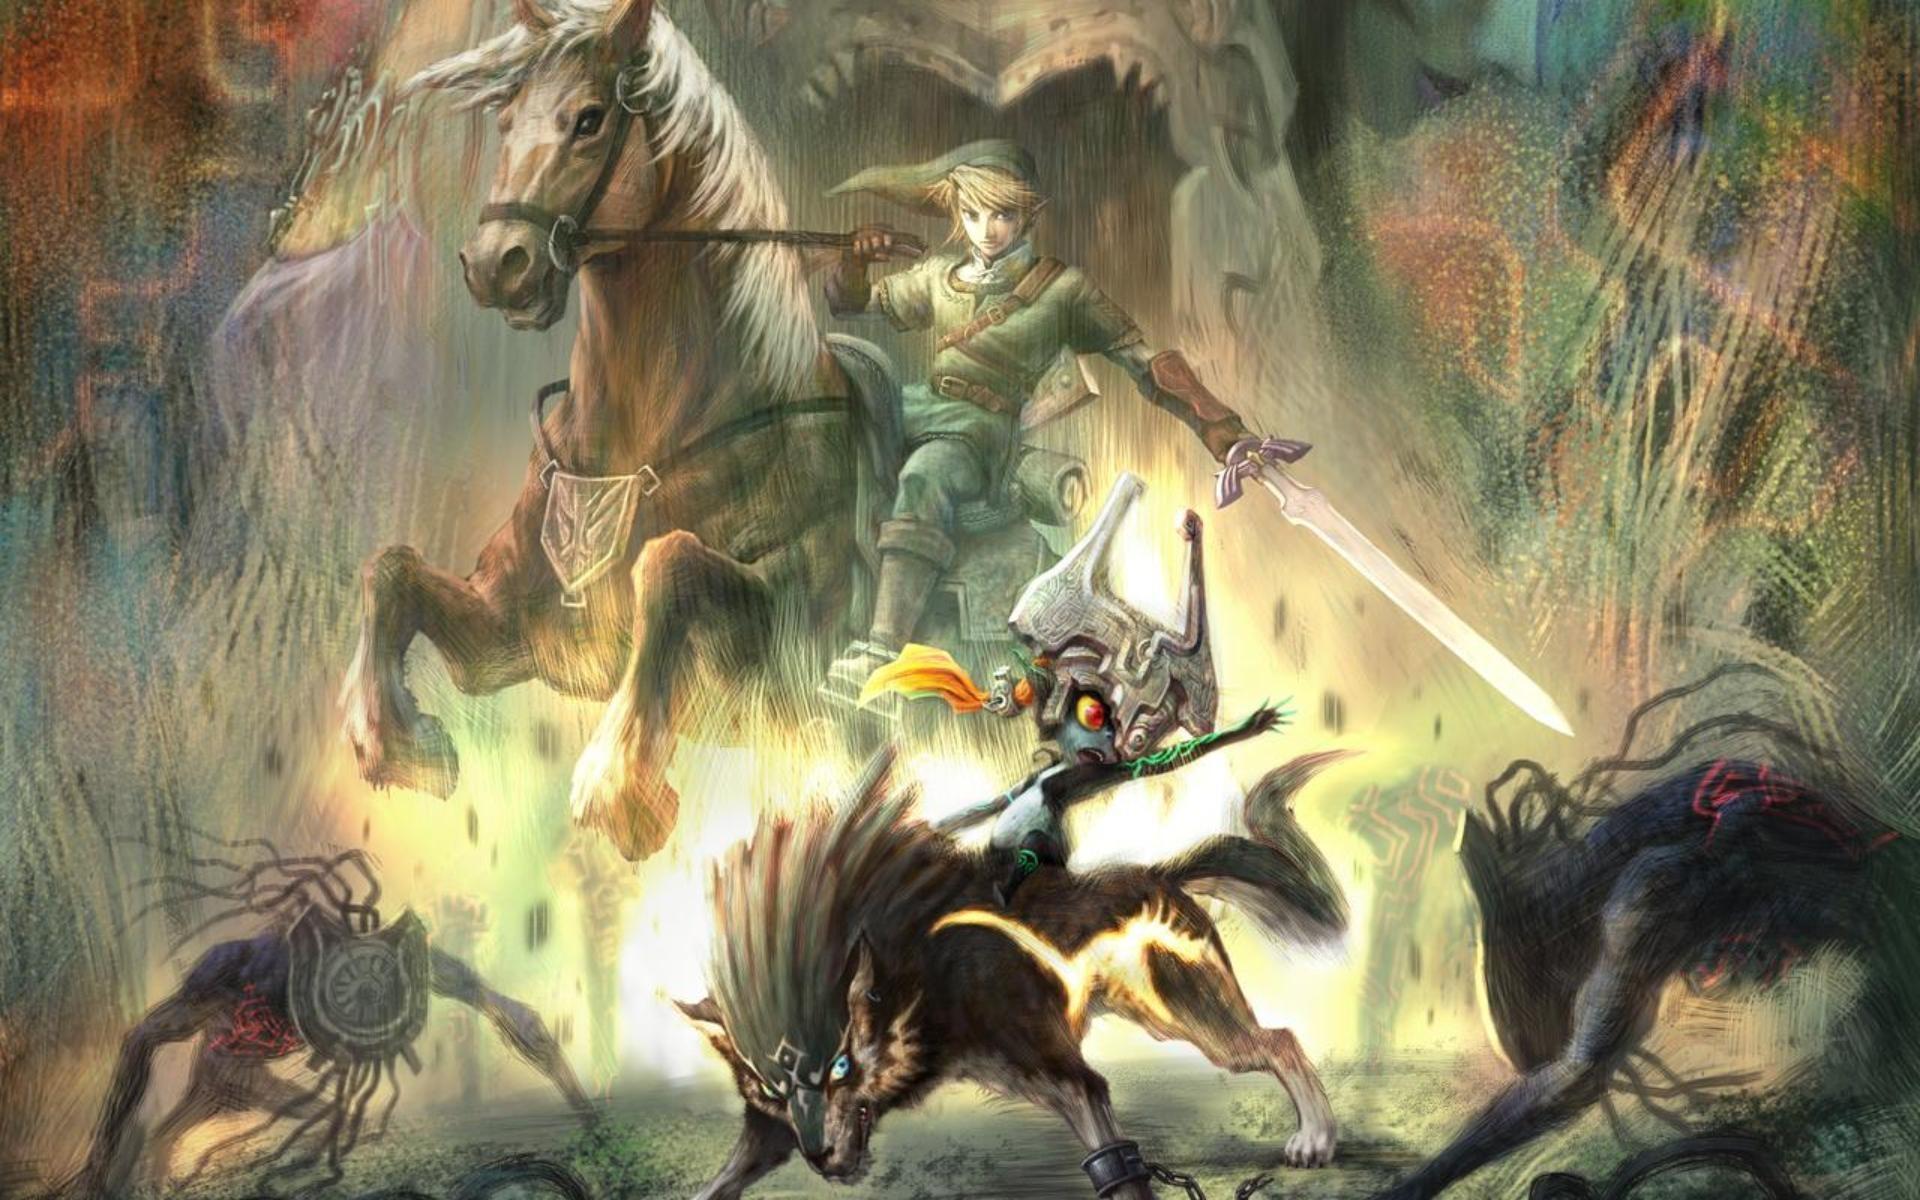 … The Legend of Zelda Wallpaper …